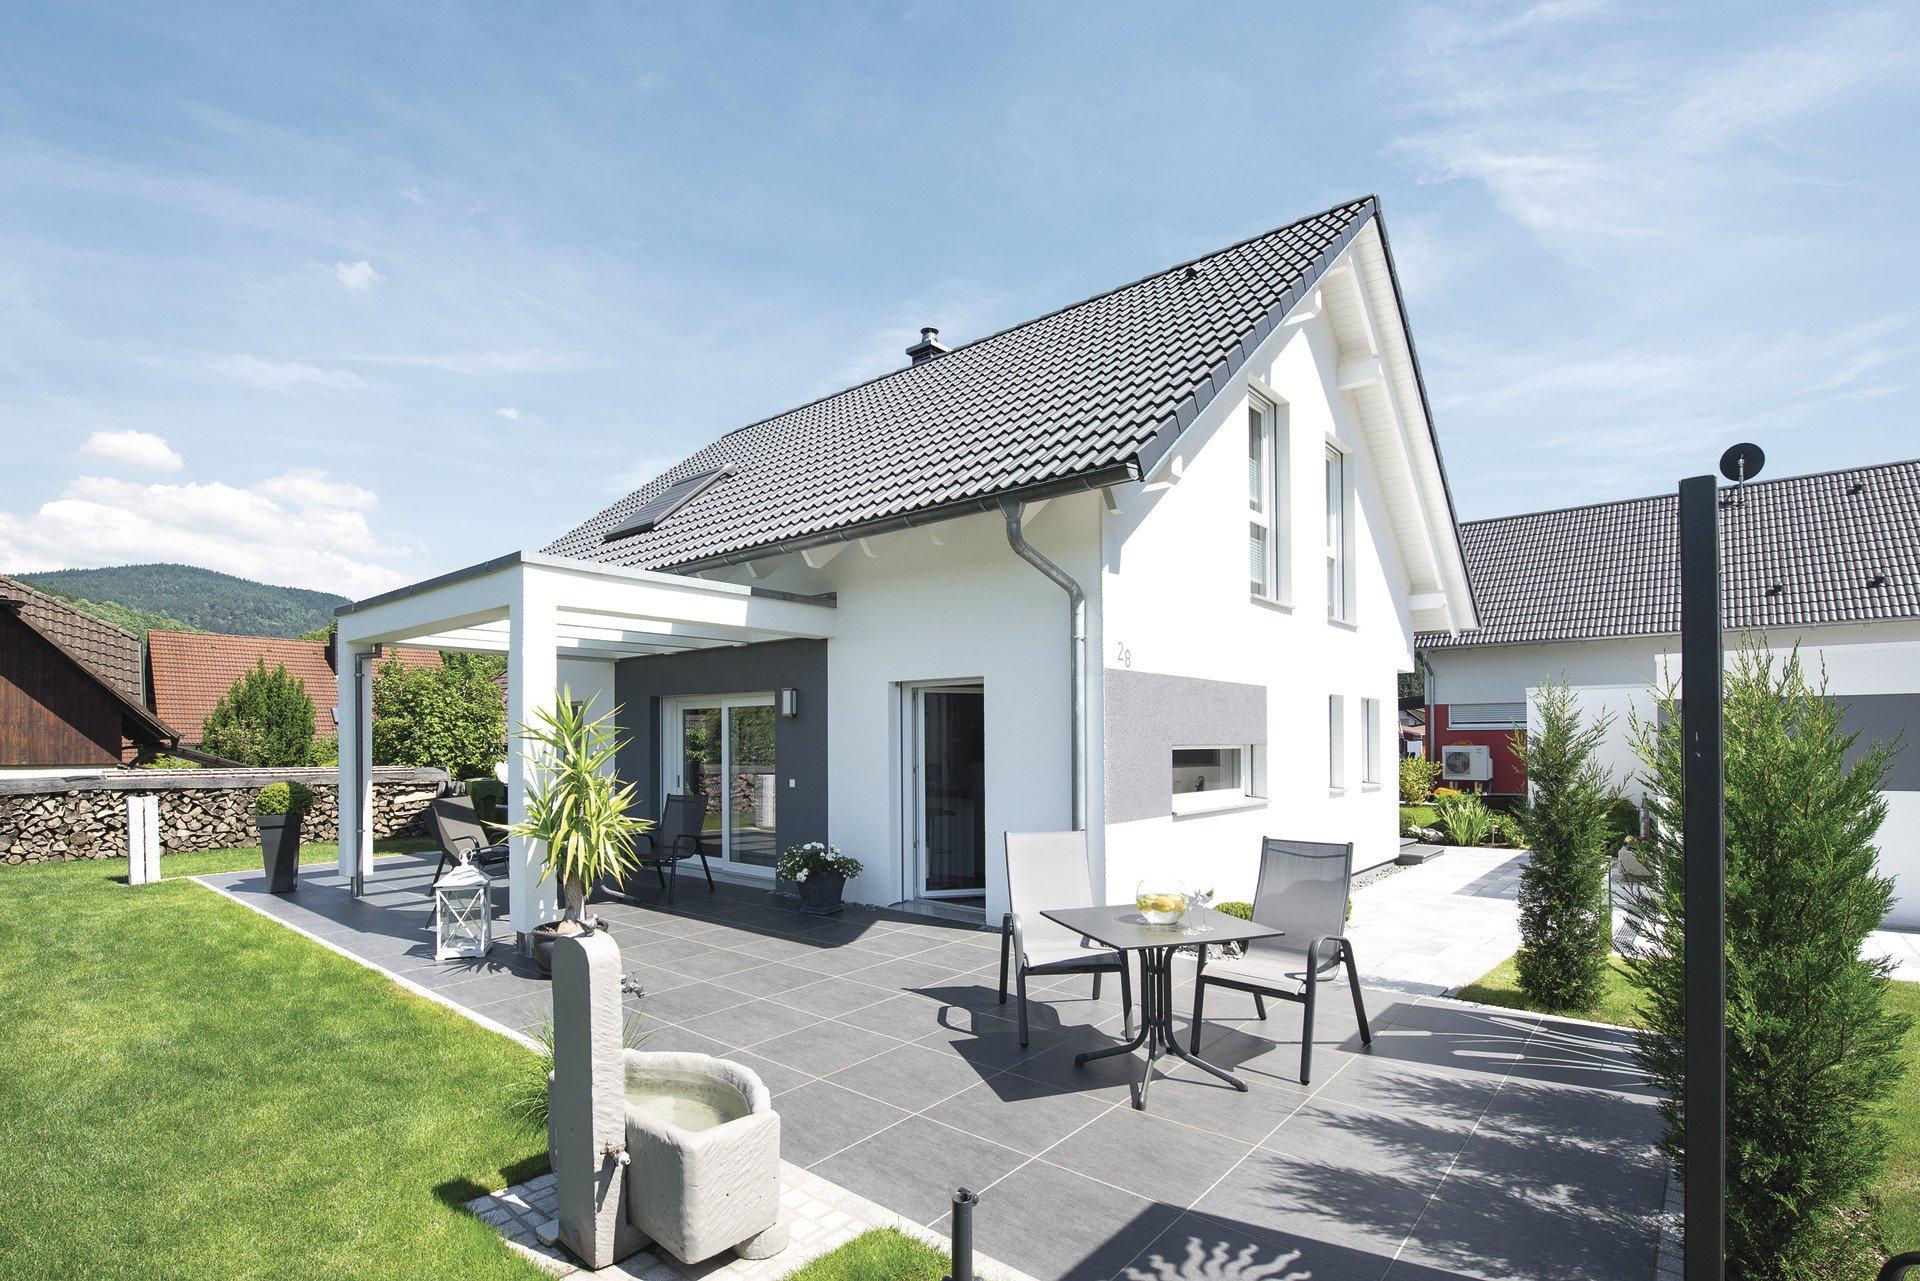 WeberHaus Kundenhaus